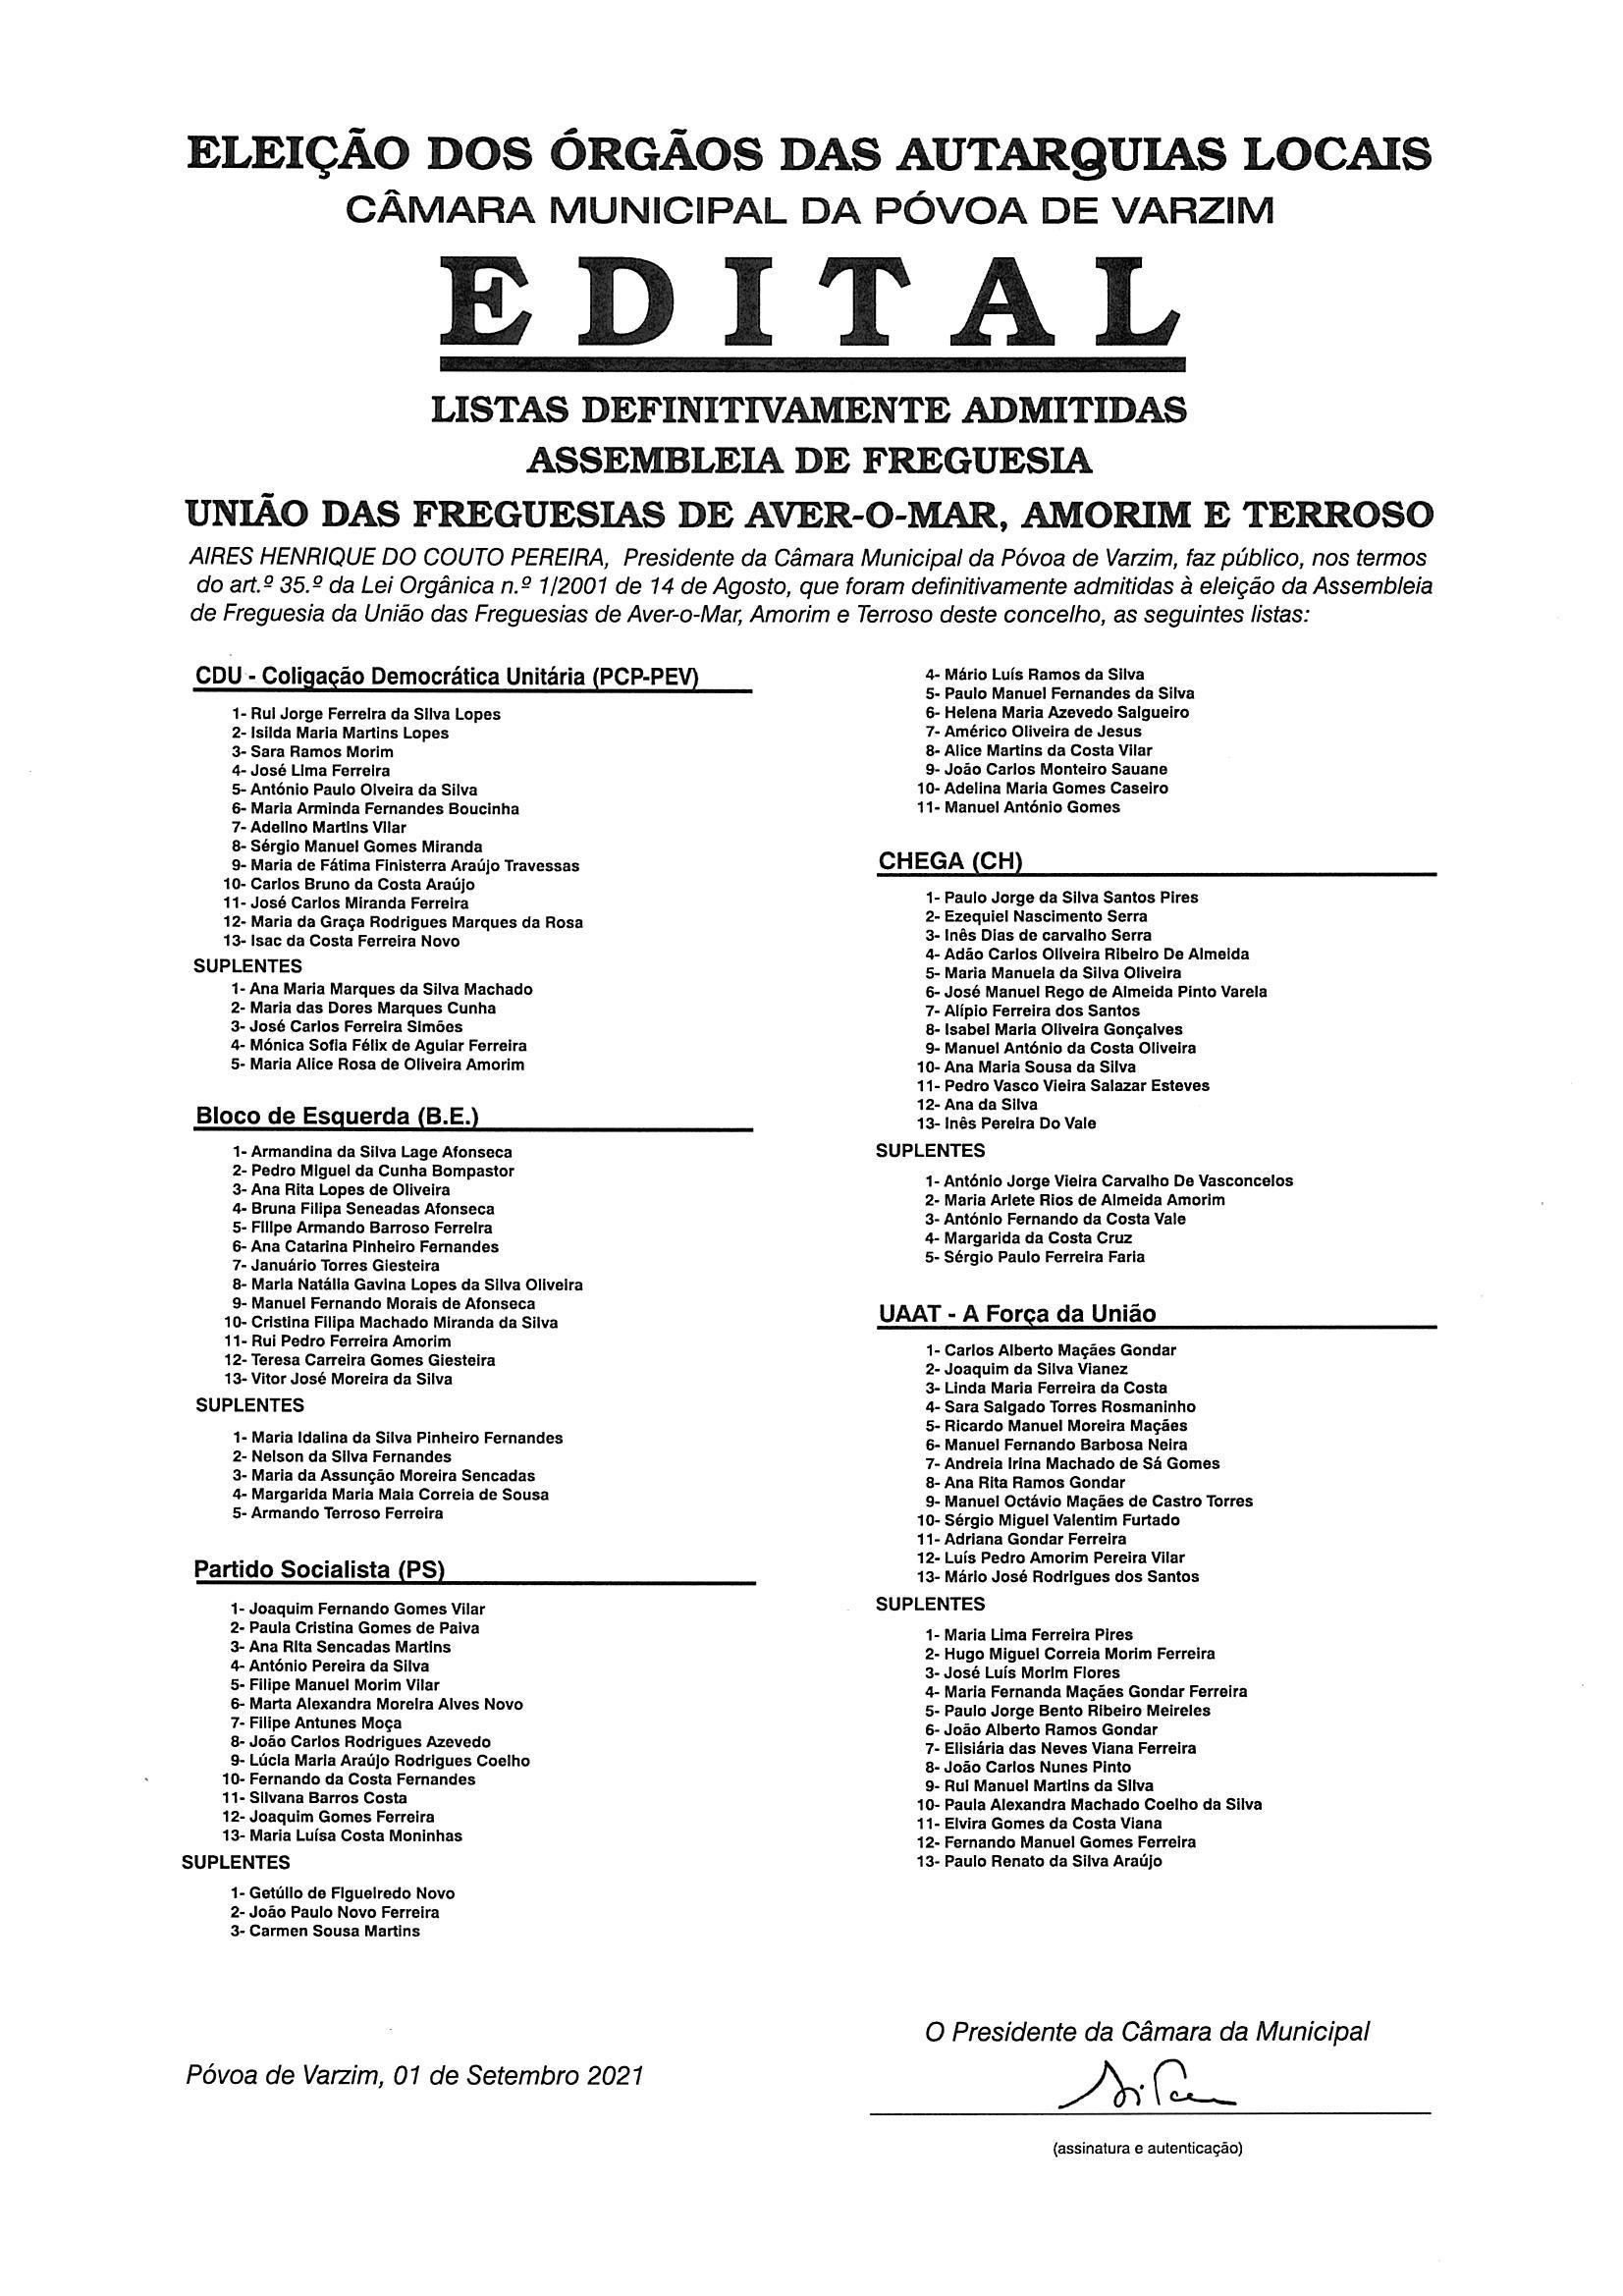 ELEIÇÕES AUTÁRQUICAS 2021 – Edital Listas Definitivamente Admitidas Assembleia Freguesia União Freguesias Aver-o-Mar, Amorim e Terroso